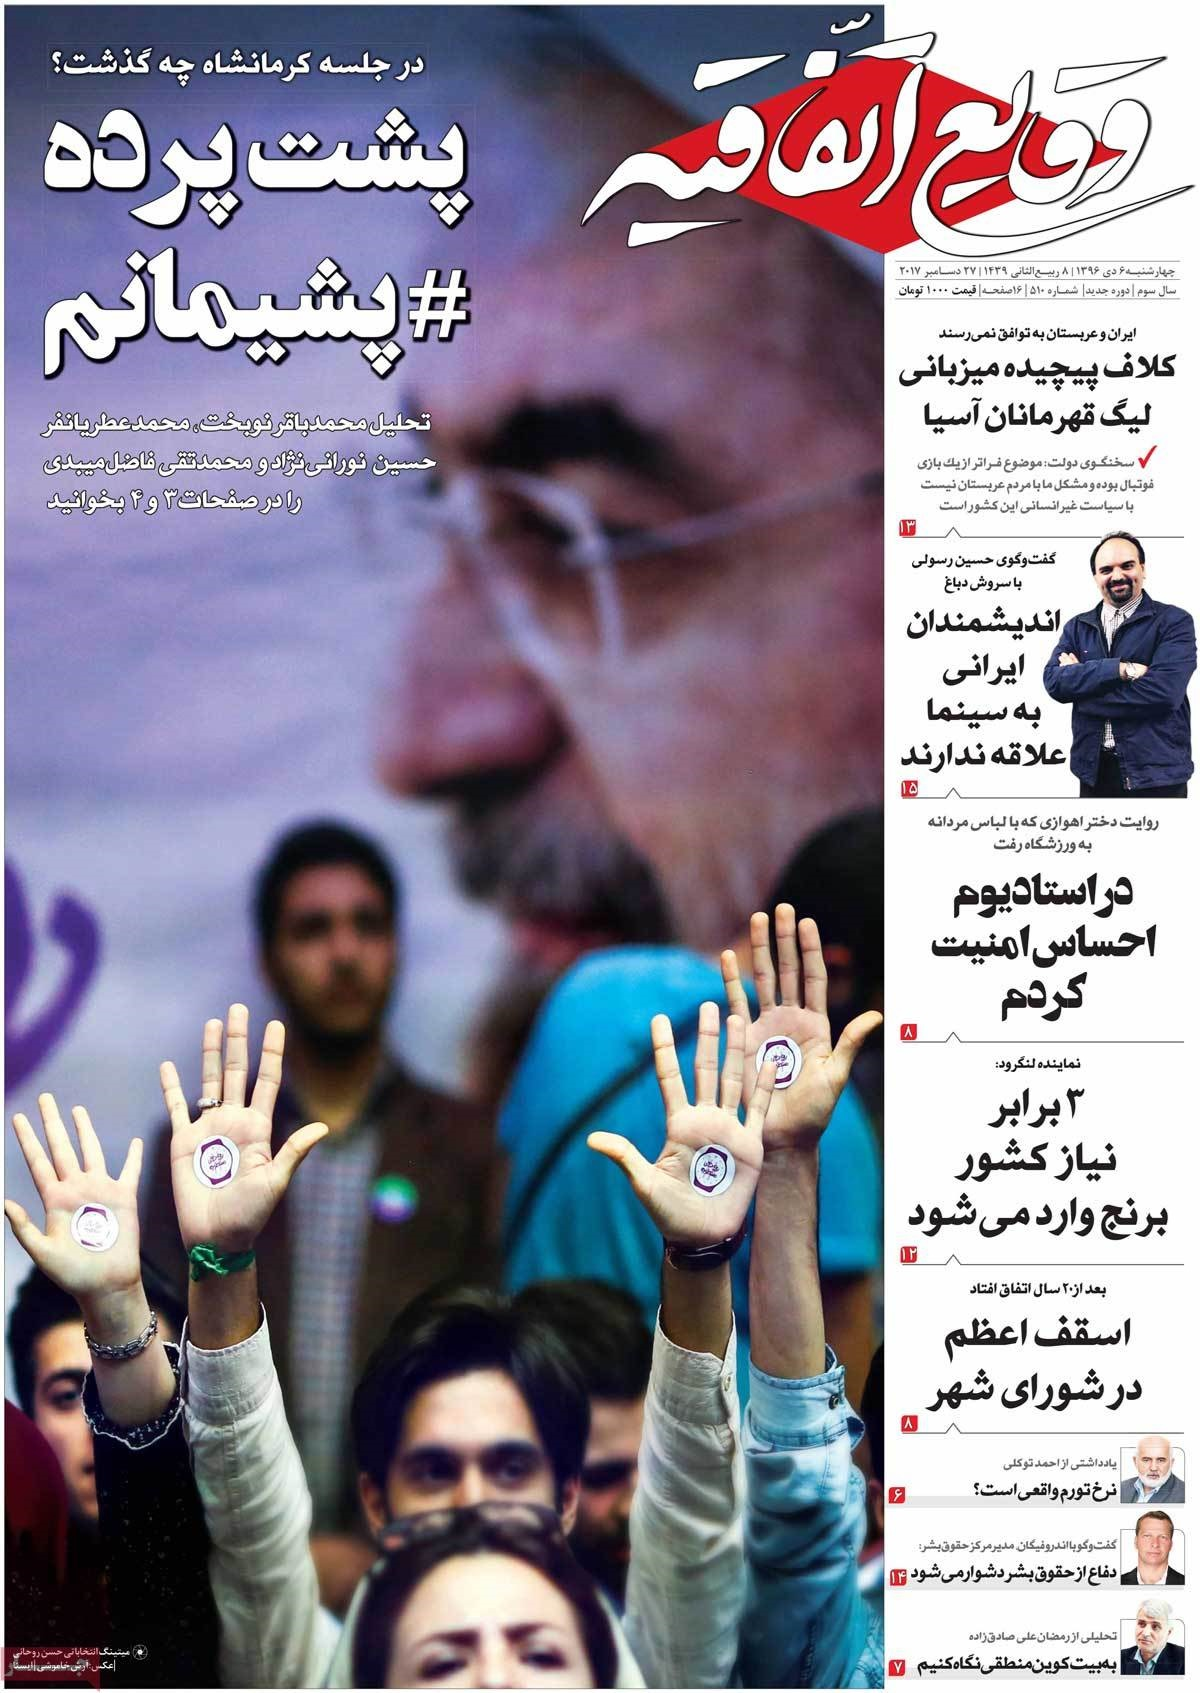 تصویر صفحه اول روزنامههای چهارشنبه ۶ دی ۹۶